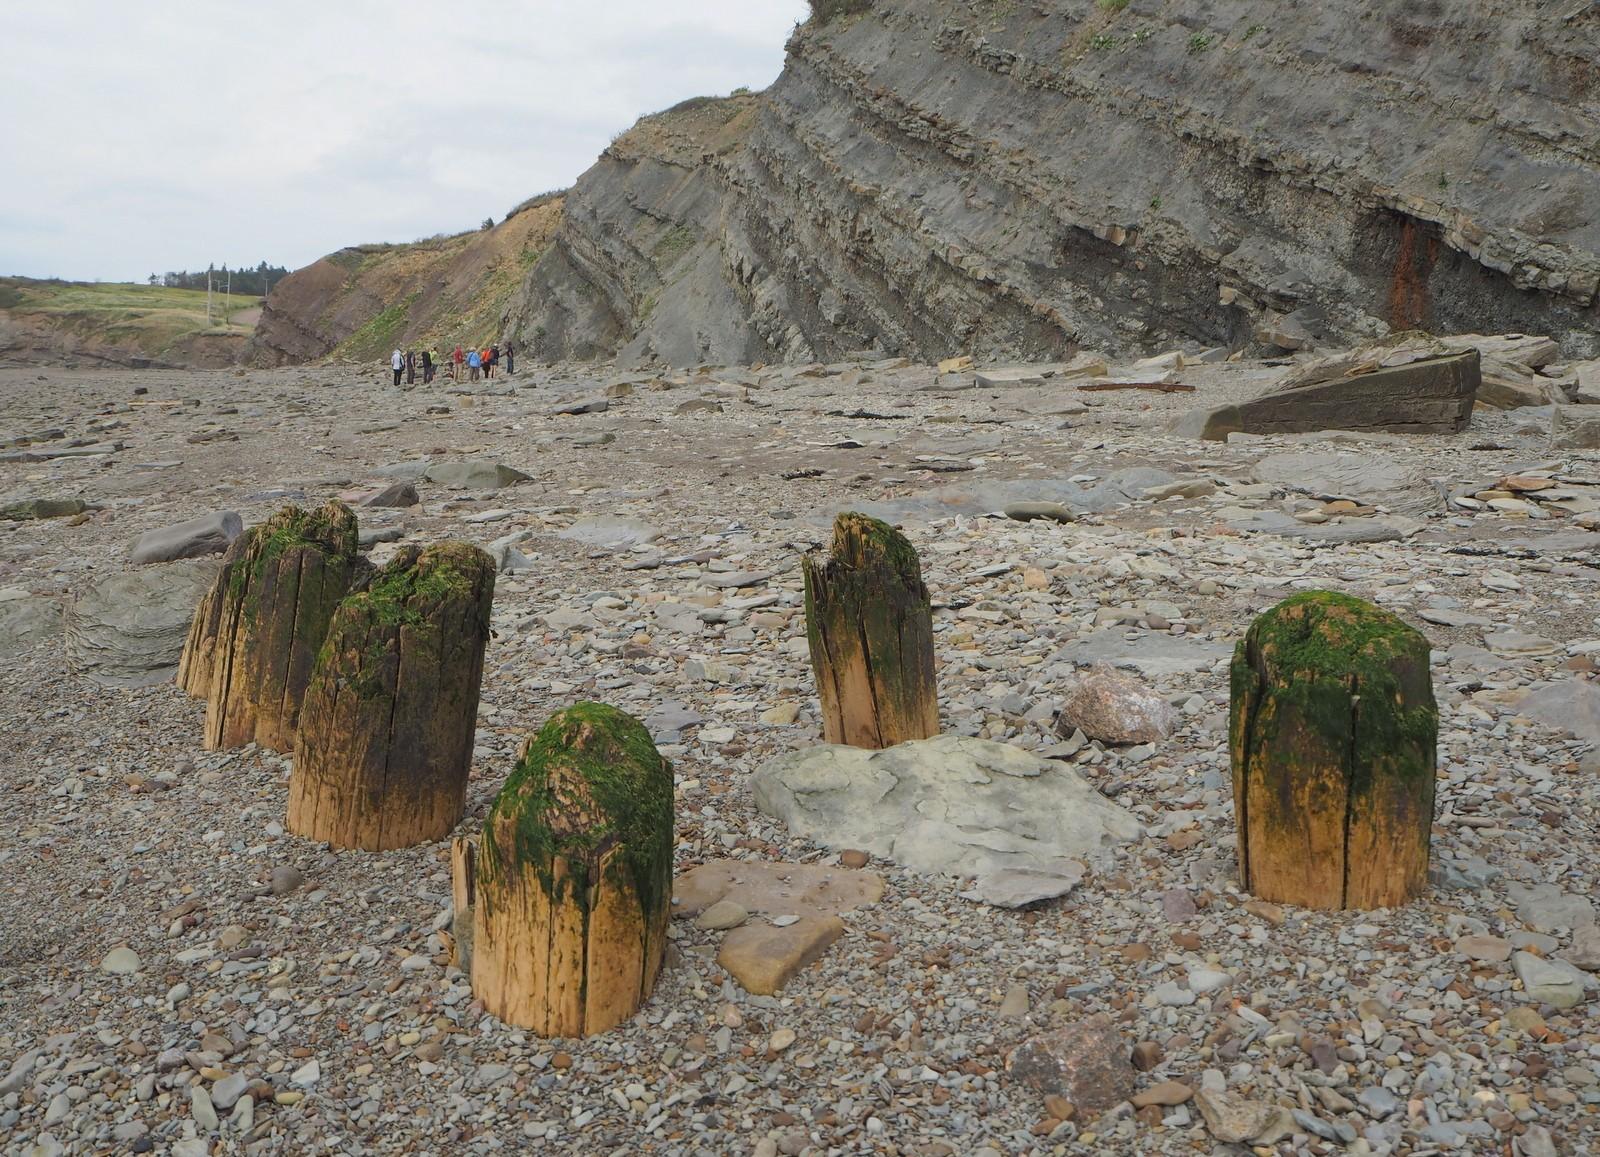 Joggins Fossil Cliff Nova Scotia